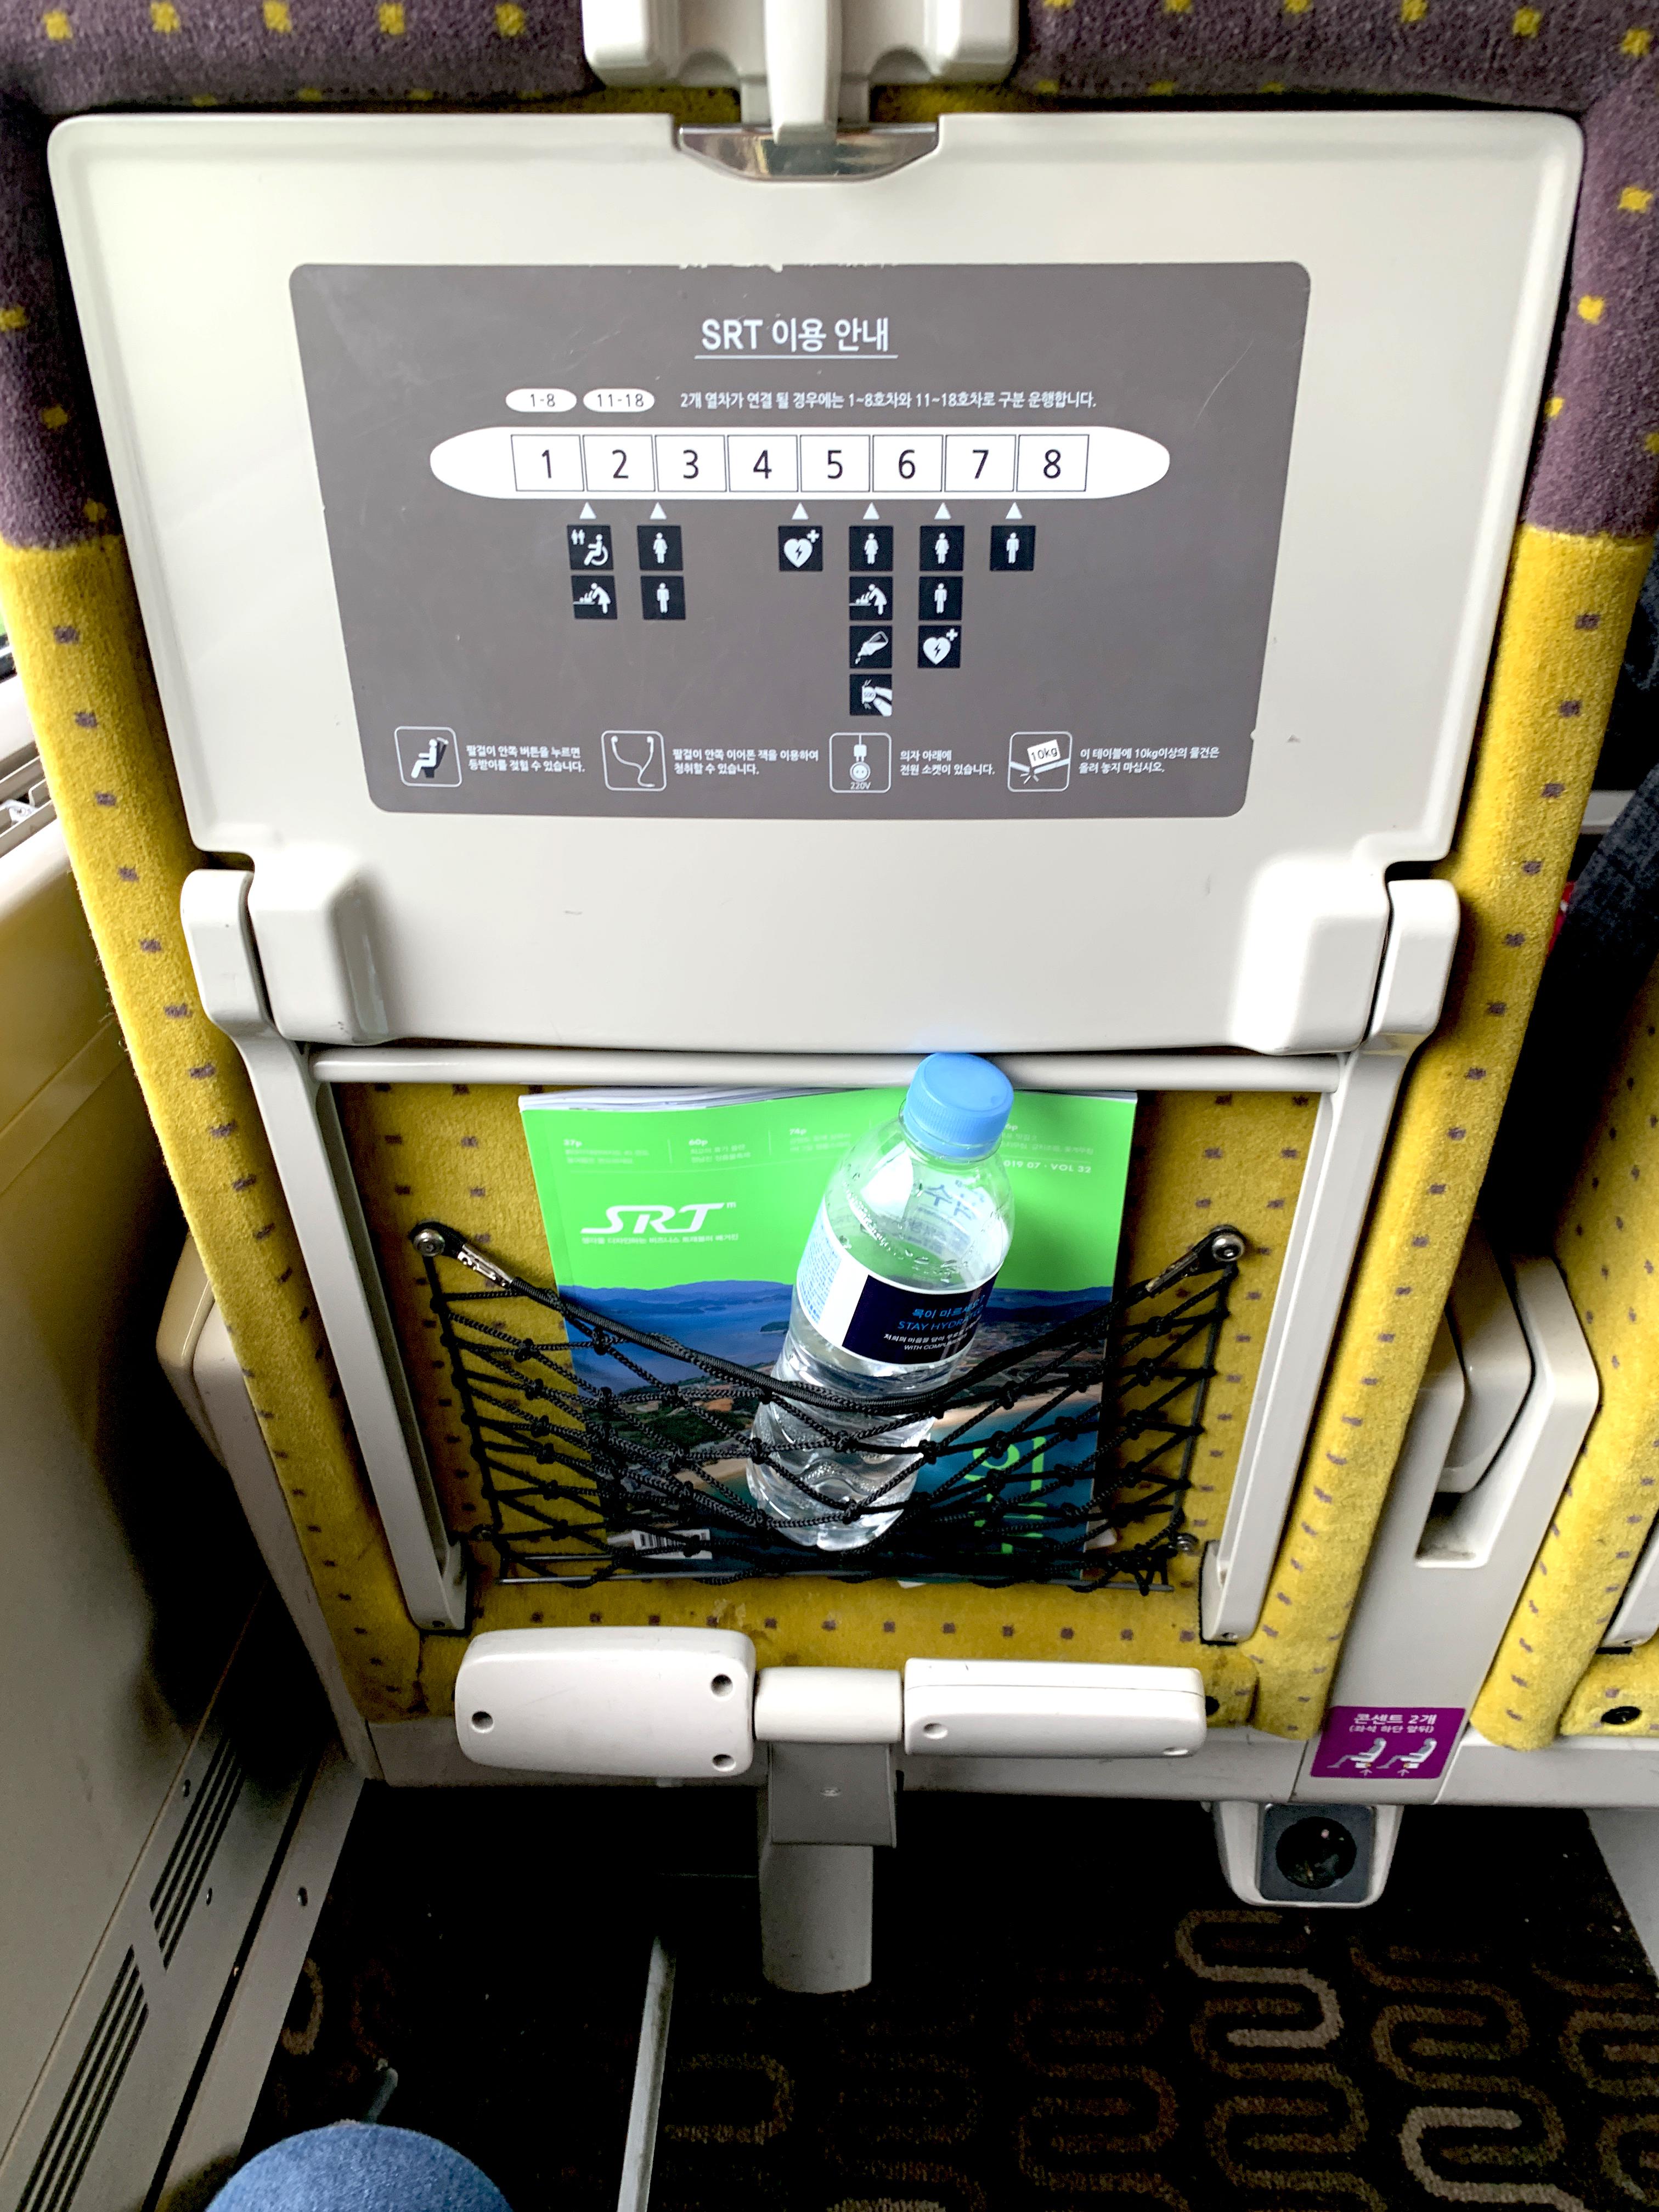 慶州∥韓國慶州(경주)新慶州(Singyeongju Station;신경주)搭乘SRT至大邱快速又方便、搭ITX新村號往釜山 29 48443812282 098912745c o